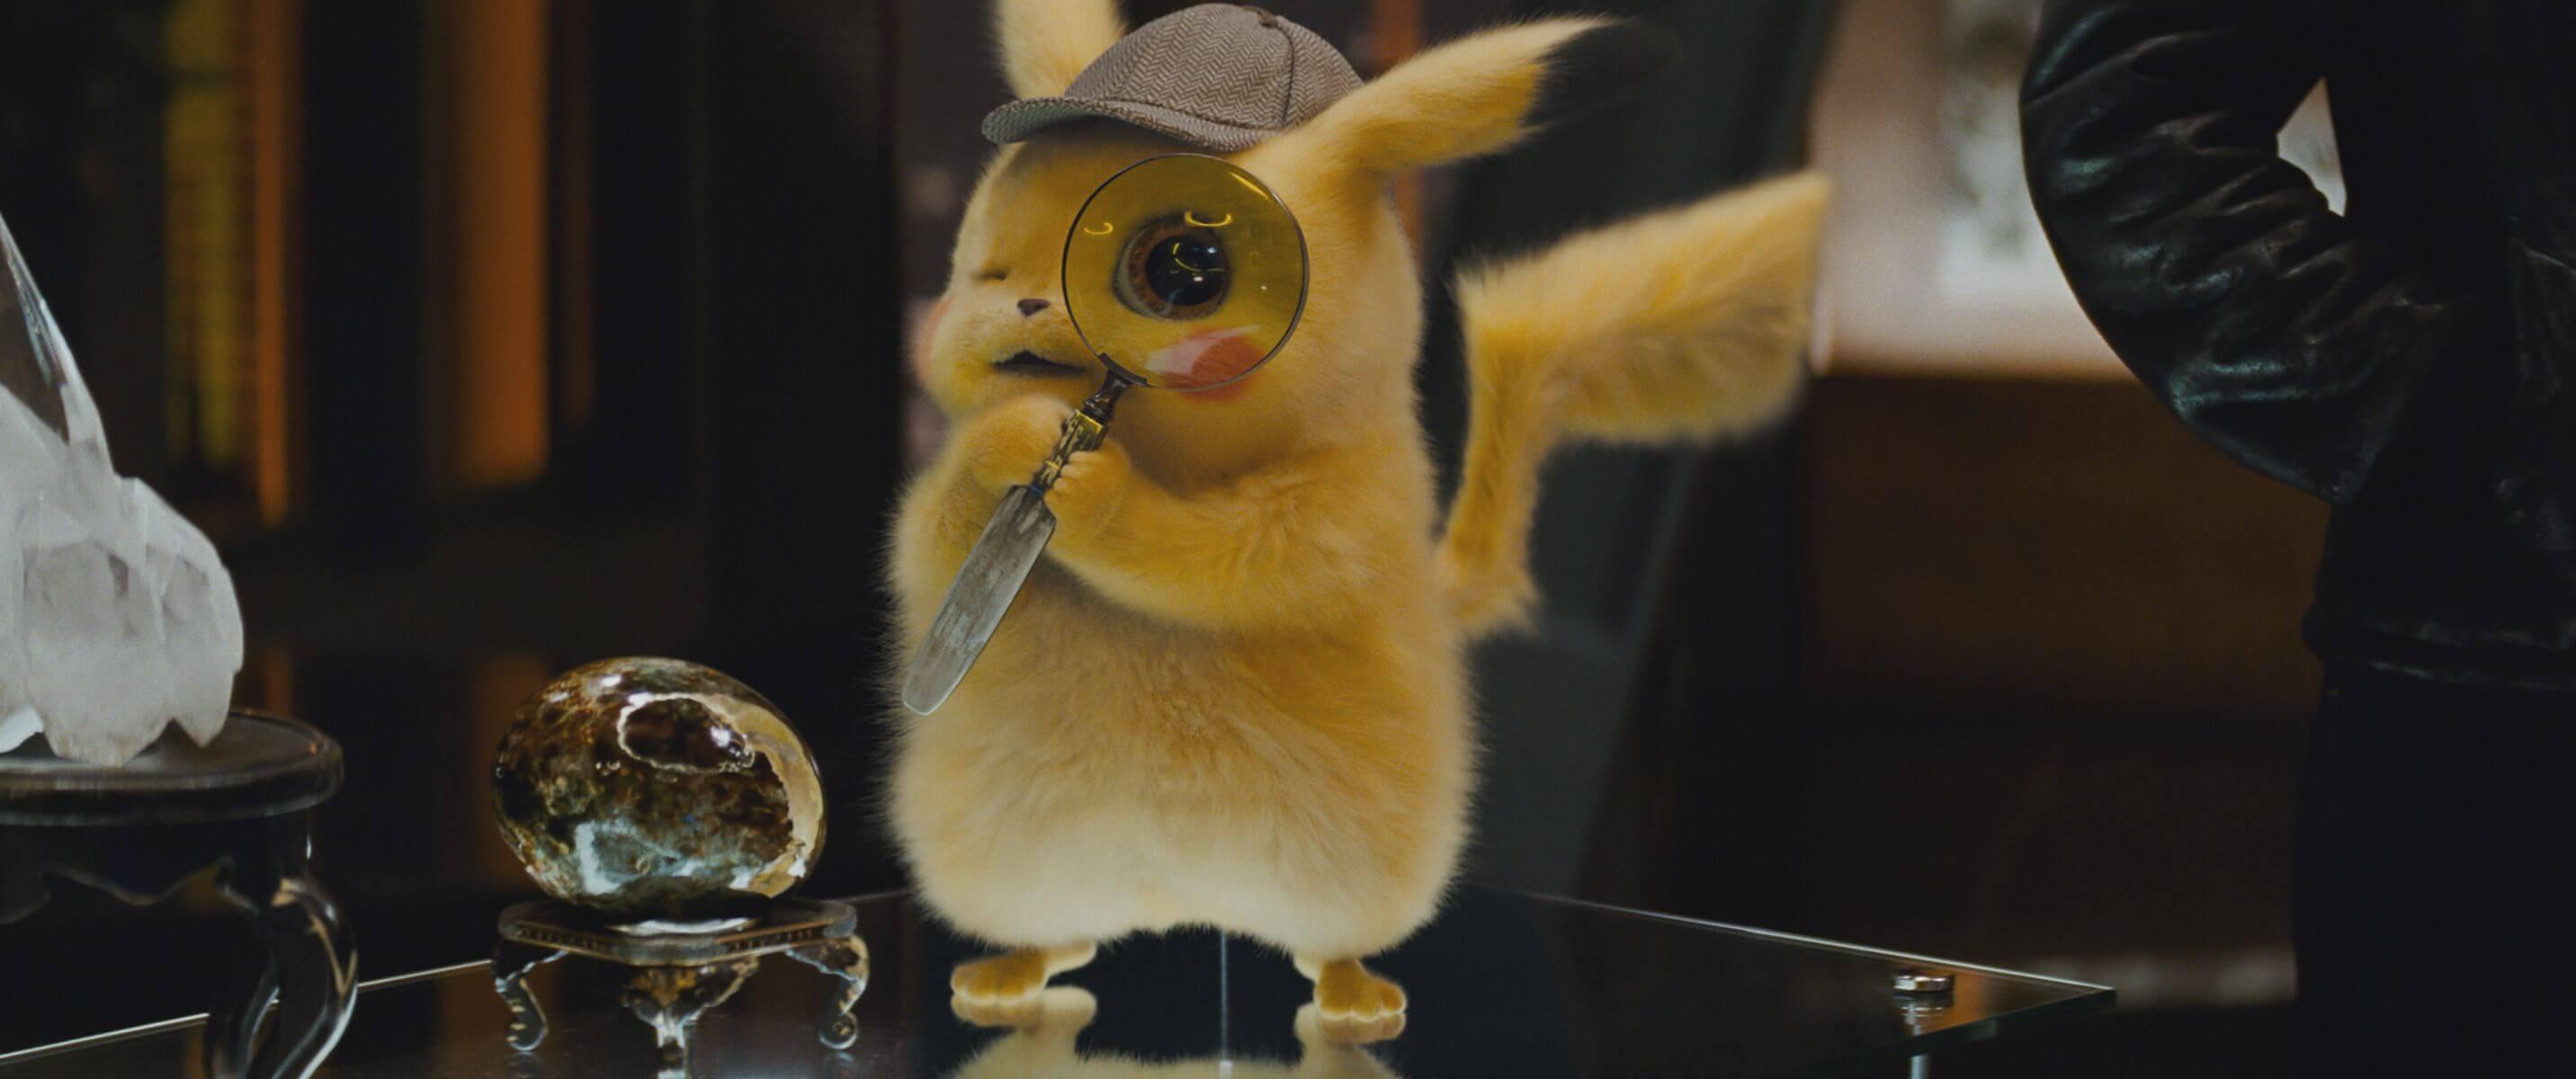 萊恩雷諾斯配音演出的電玩改編電影《名偵探皮卡丘》已可在 HBO 電視頻道觀賞。